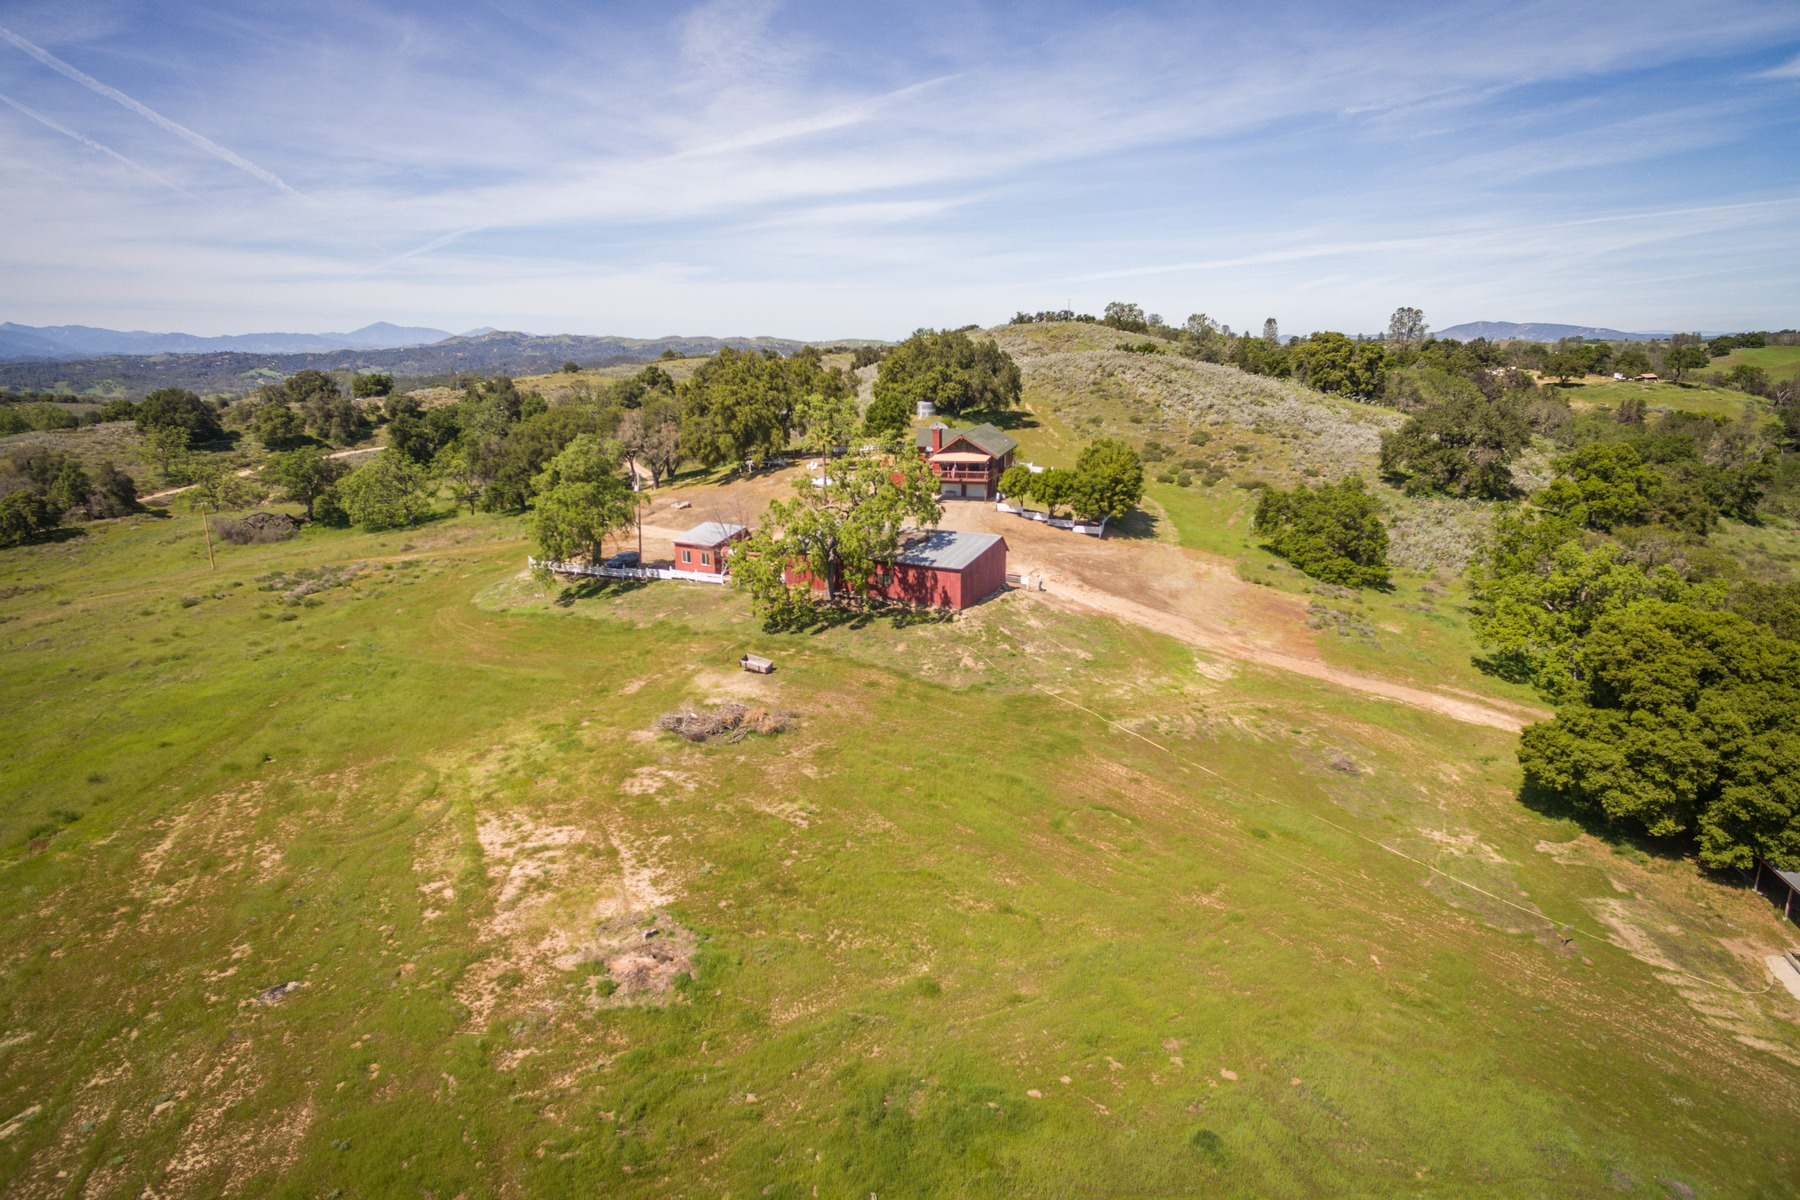 Земля для того Продажа на Rancho de los Robles 2567 Hesperia Rd Bradley, Калифорния 93426 Соединенные Штаты